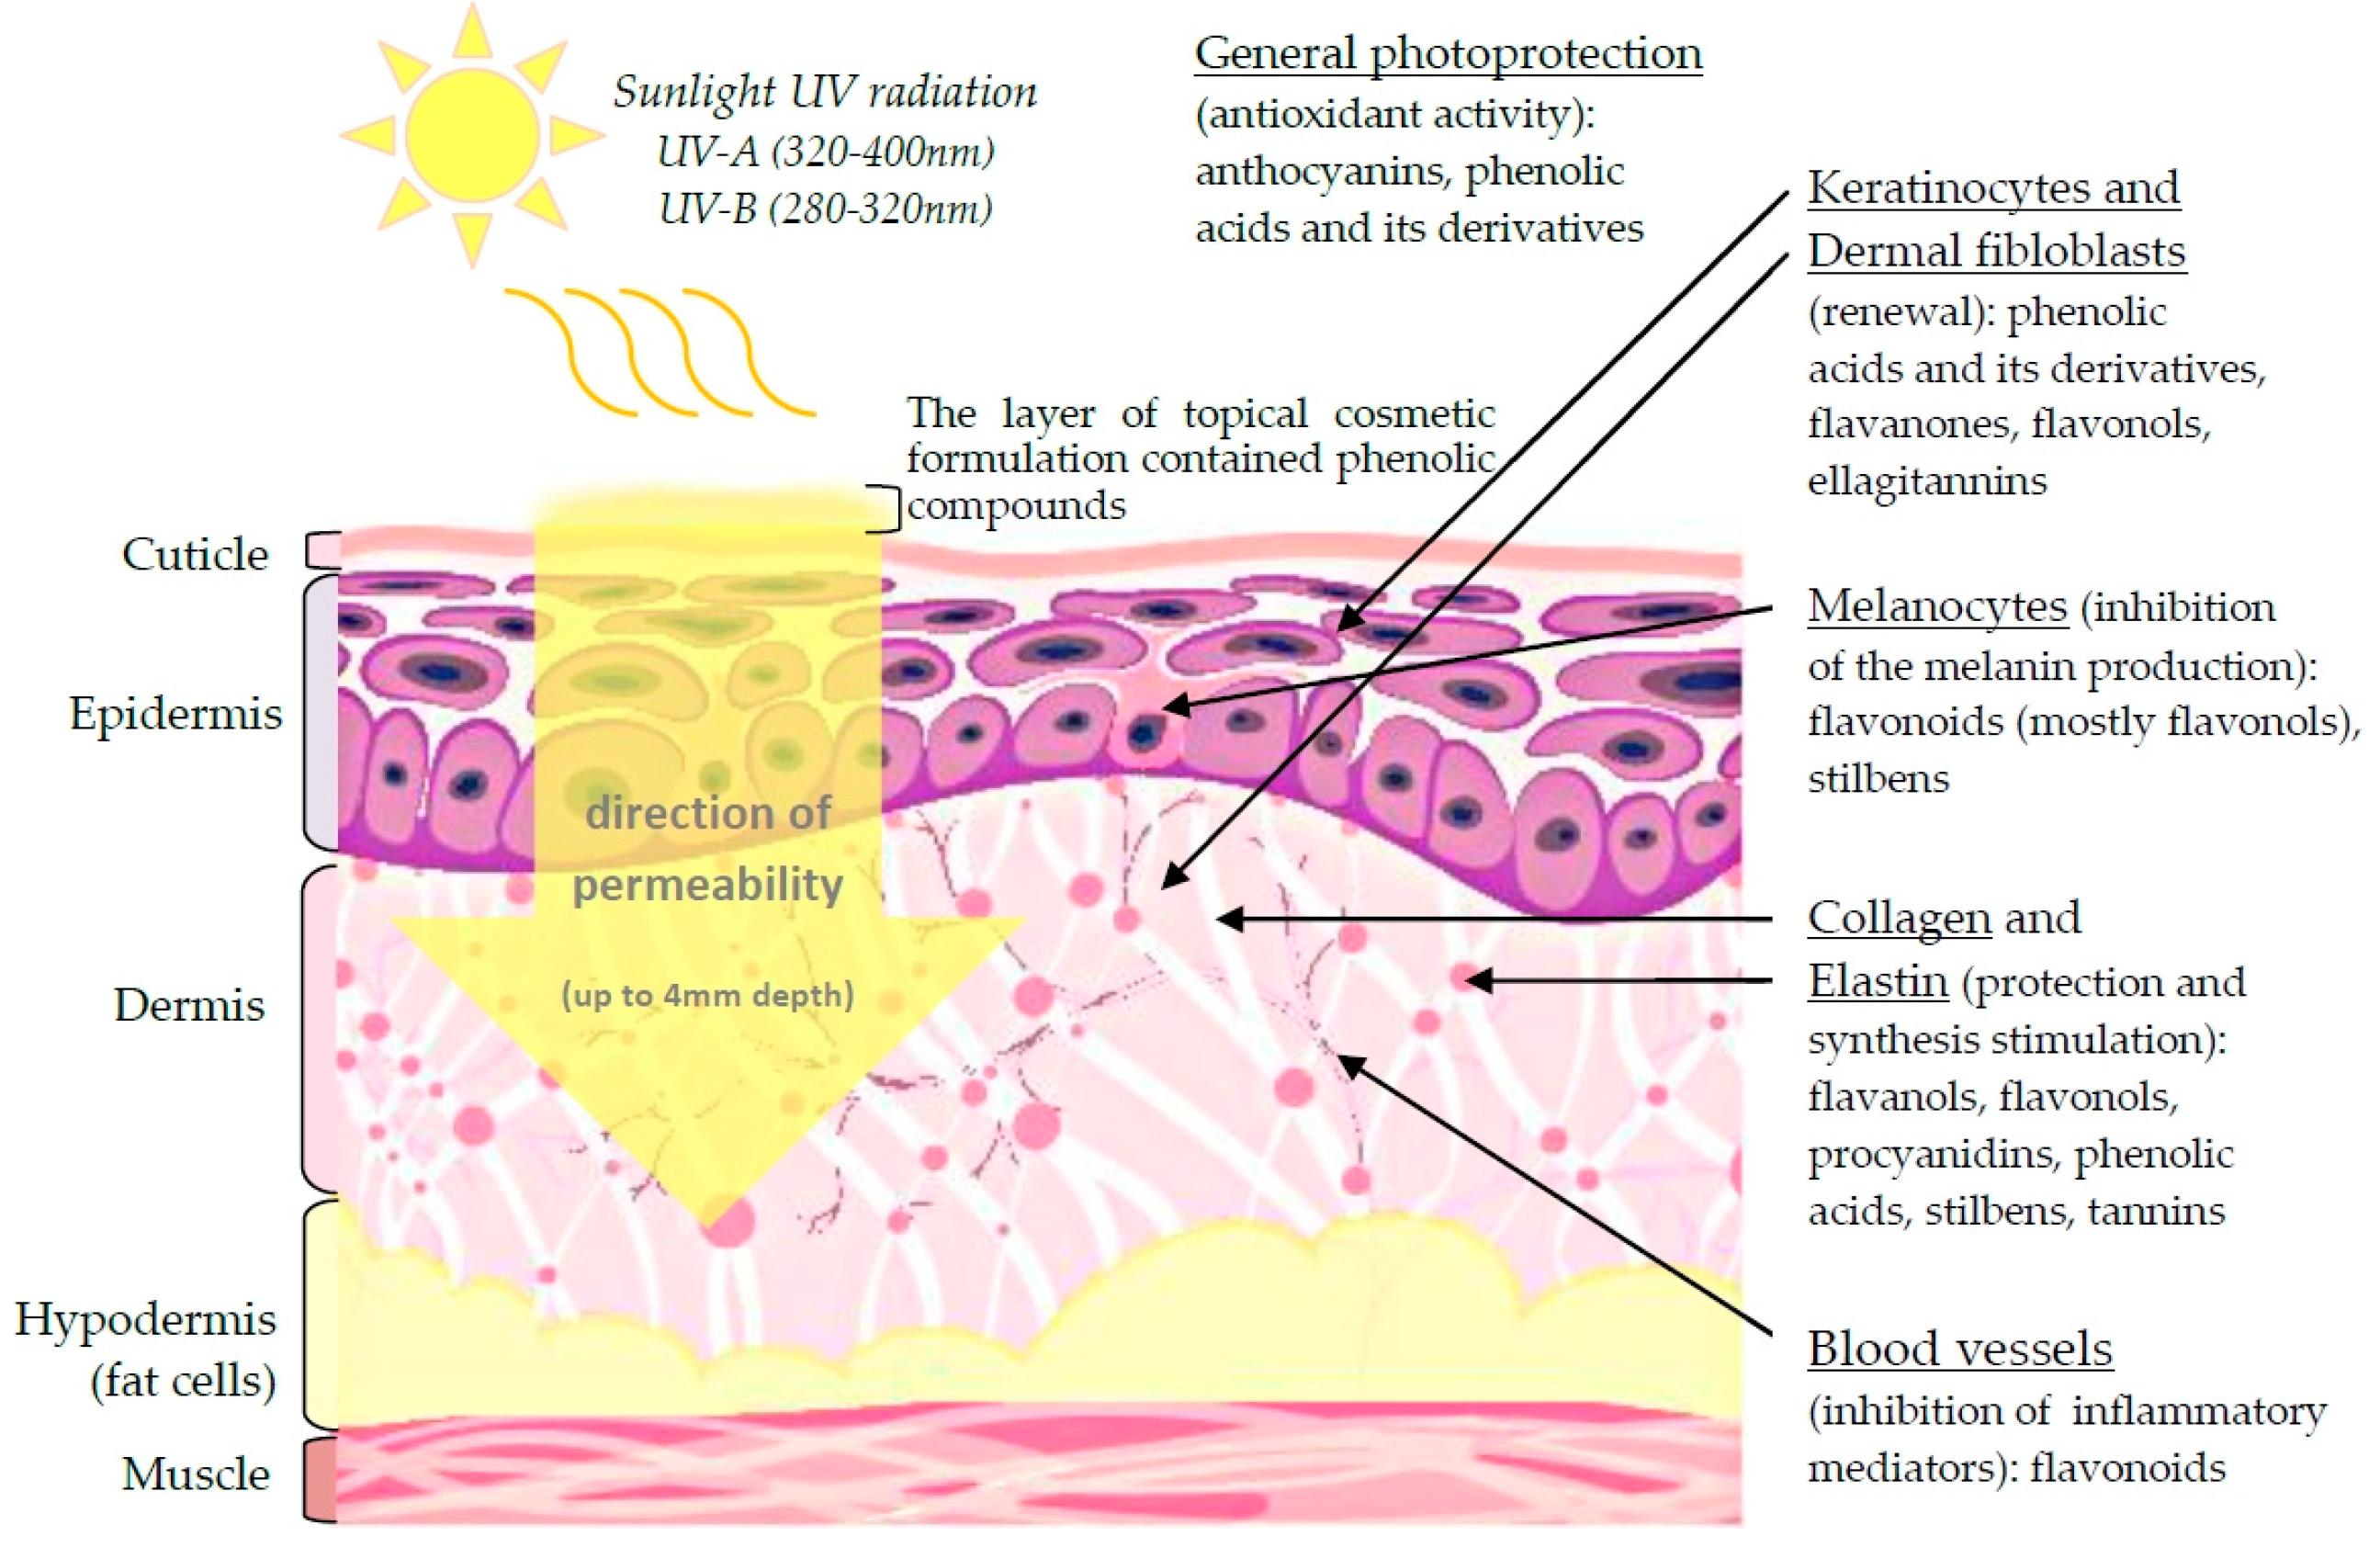 Лютеолин защищает кожу от солнечного облучения